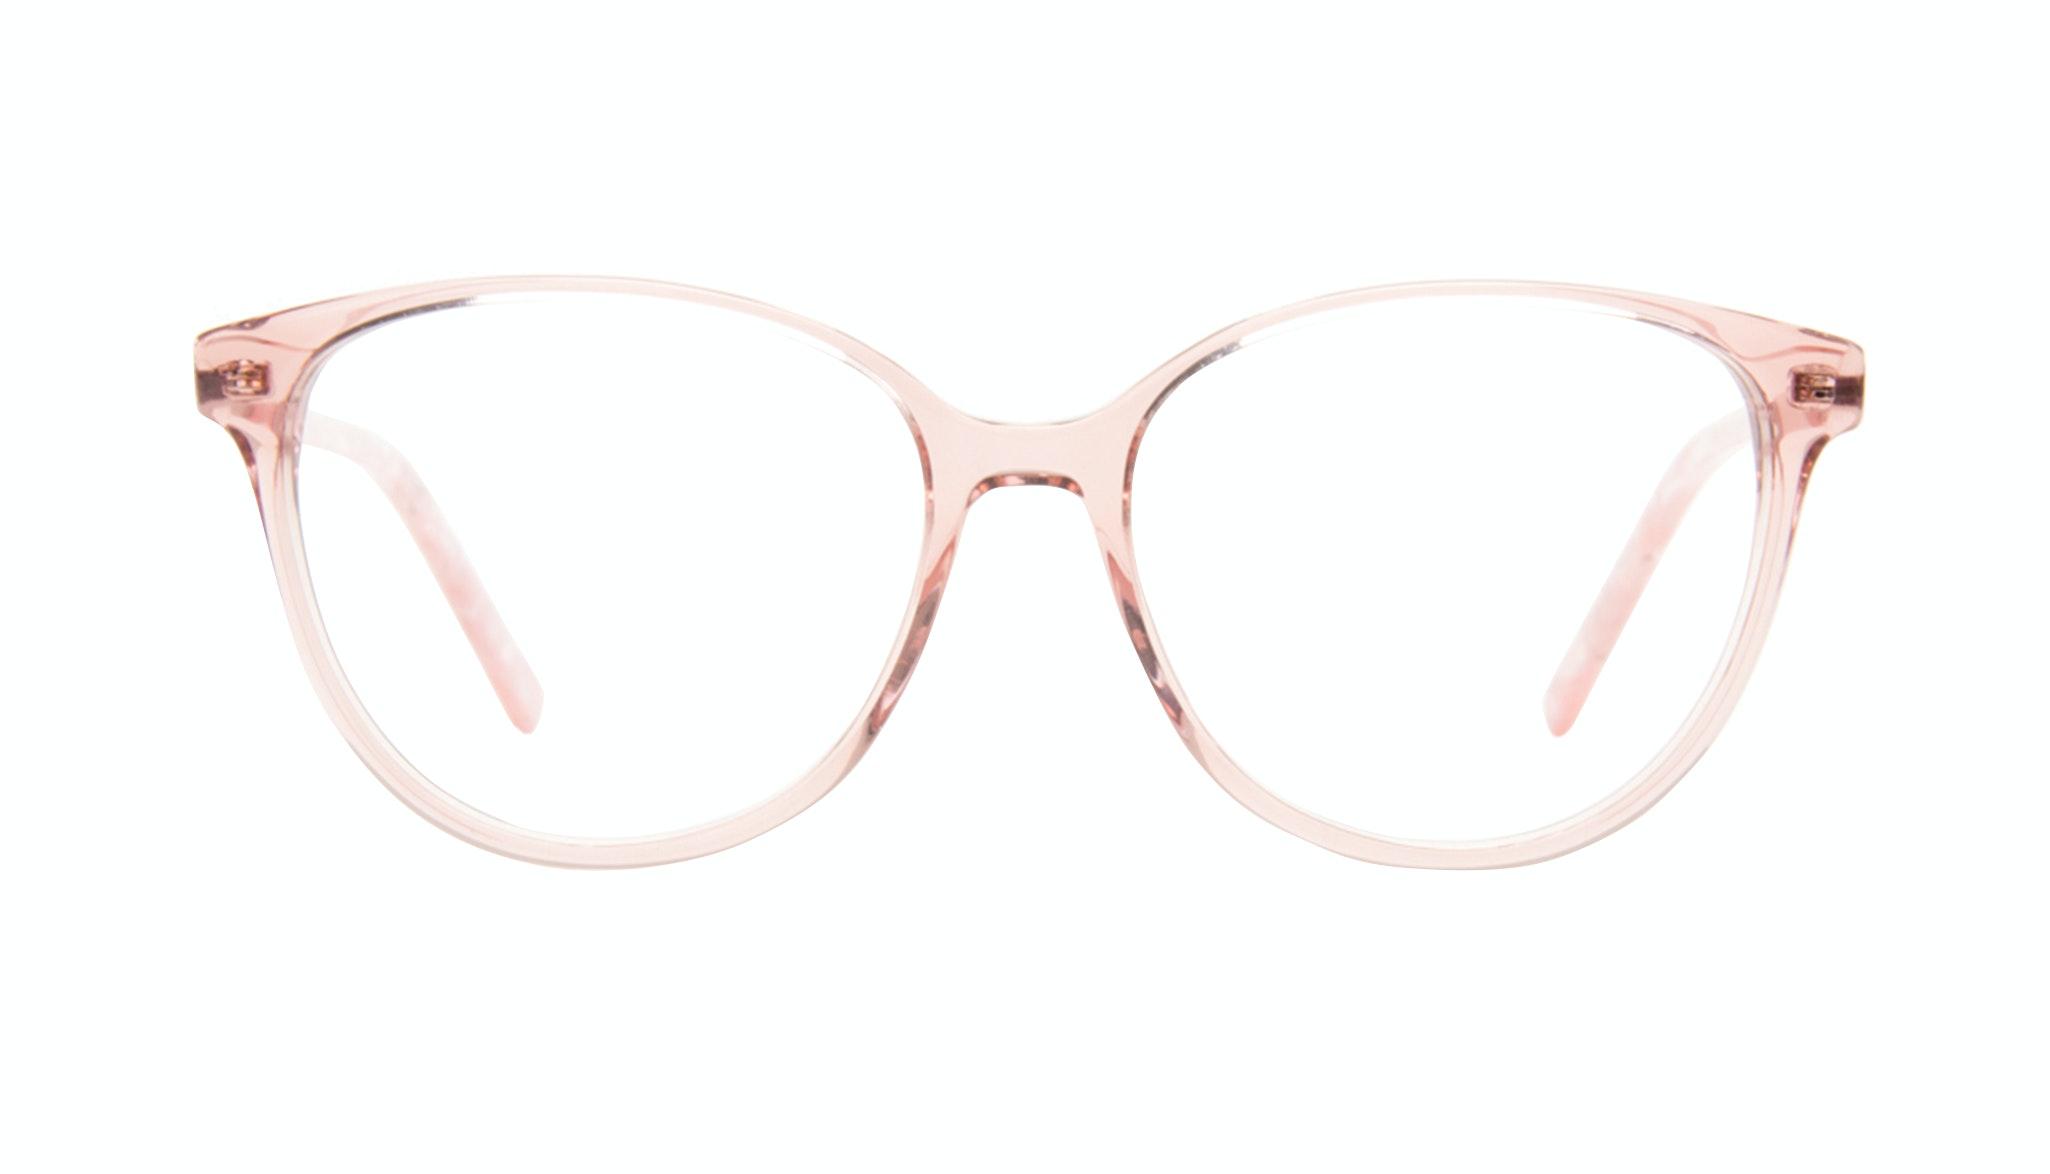 Lunettes tendance Ronde Lunettes de vue Femmes Imagine II Rose Marble Face